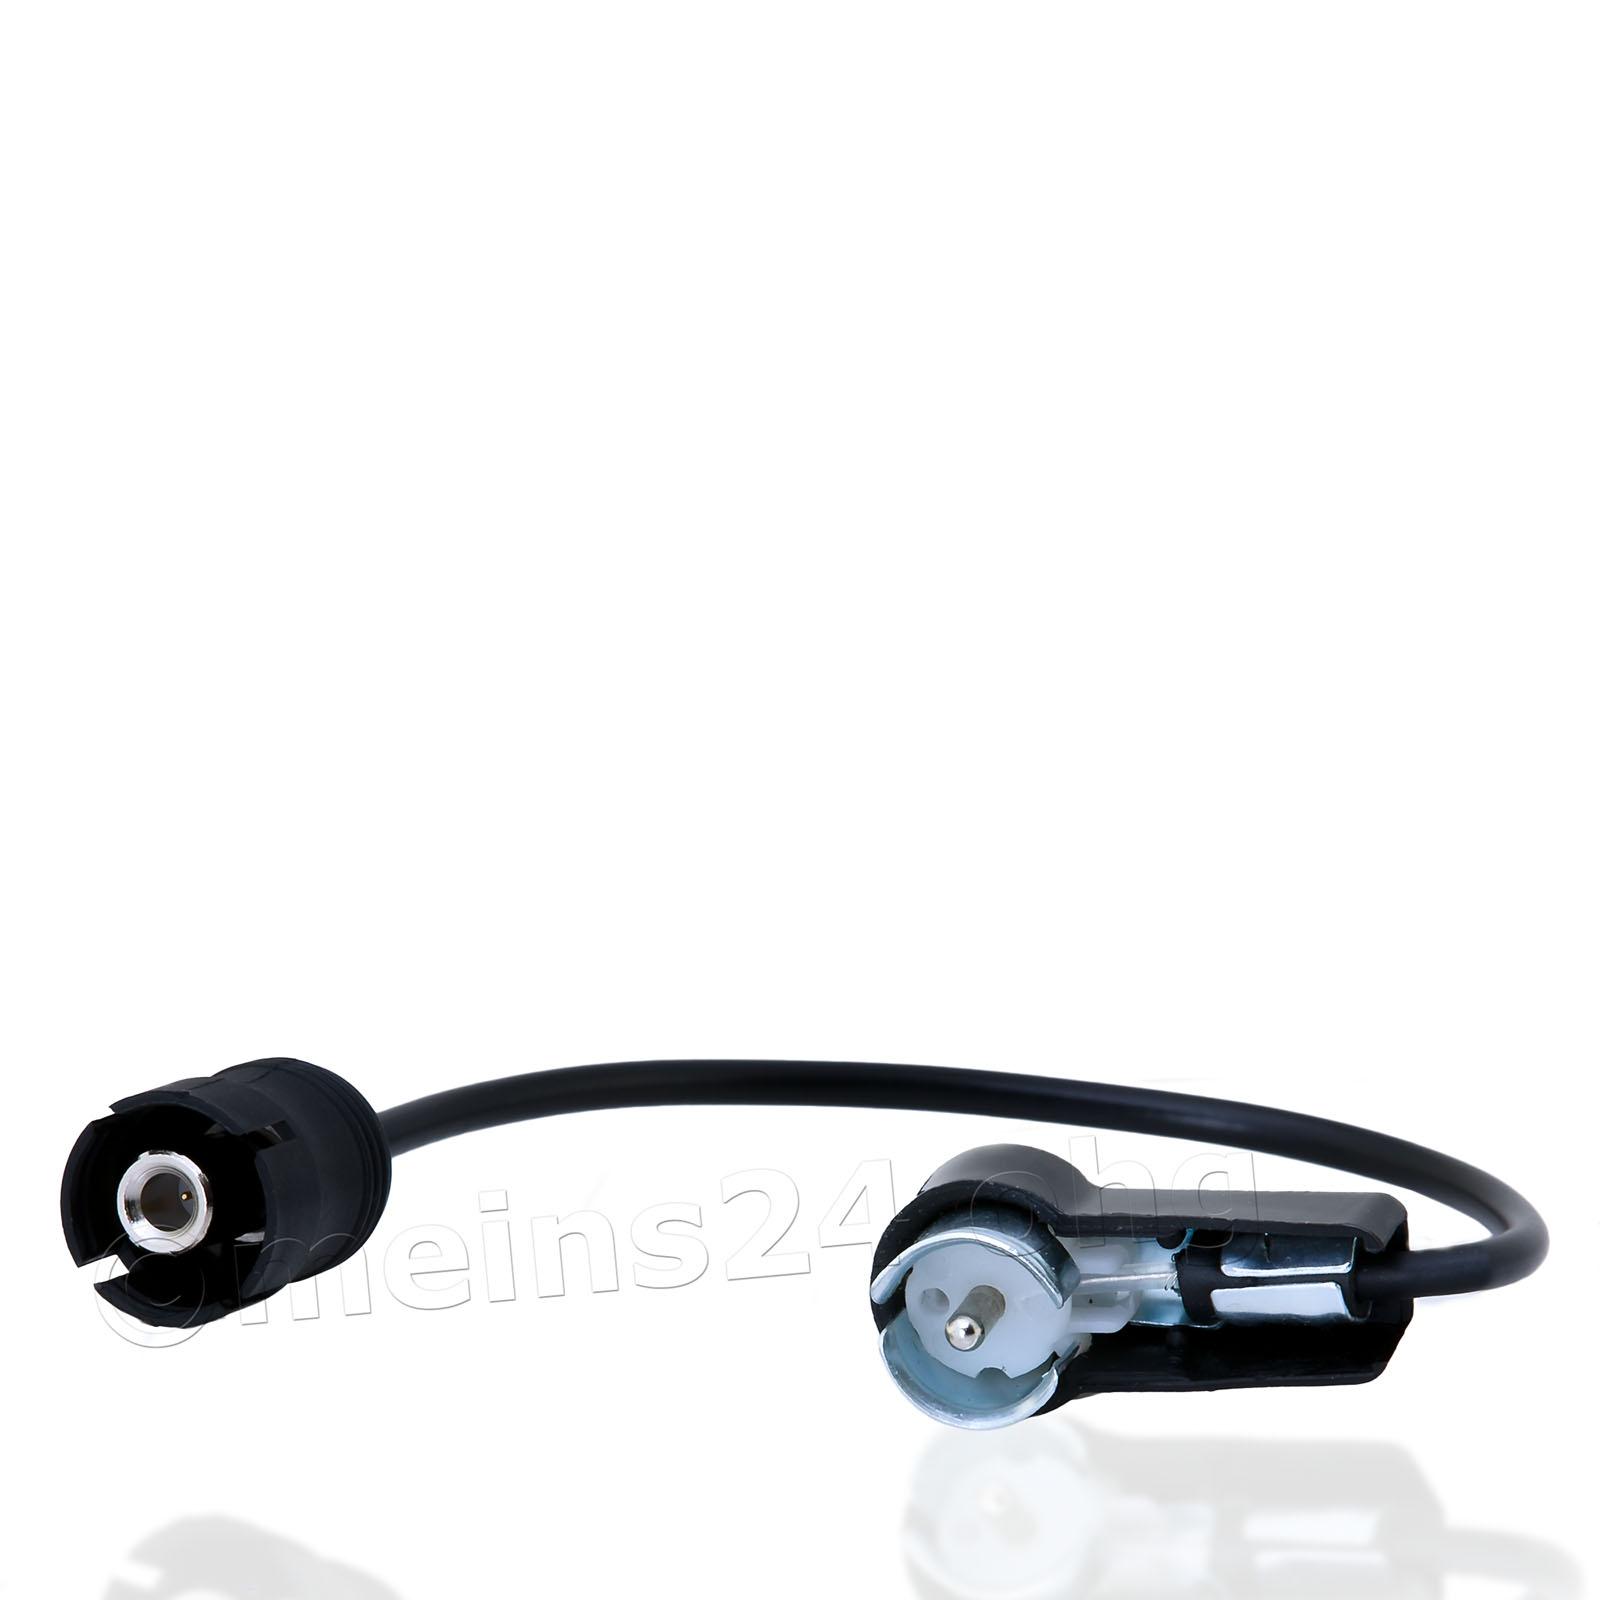 Antennenadapter passend für CHRYSLER CHEVROLET Stecker (m) > ISO Stecker (m)